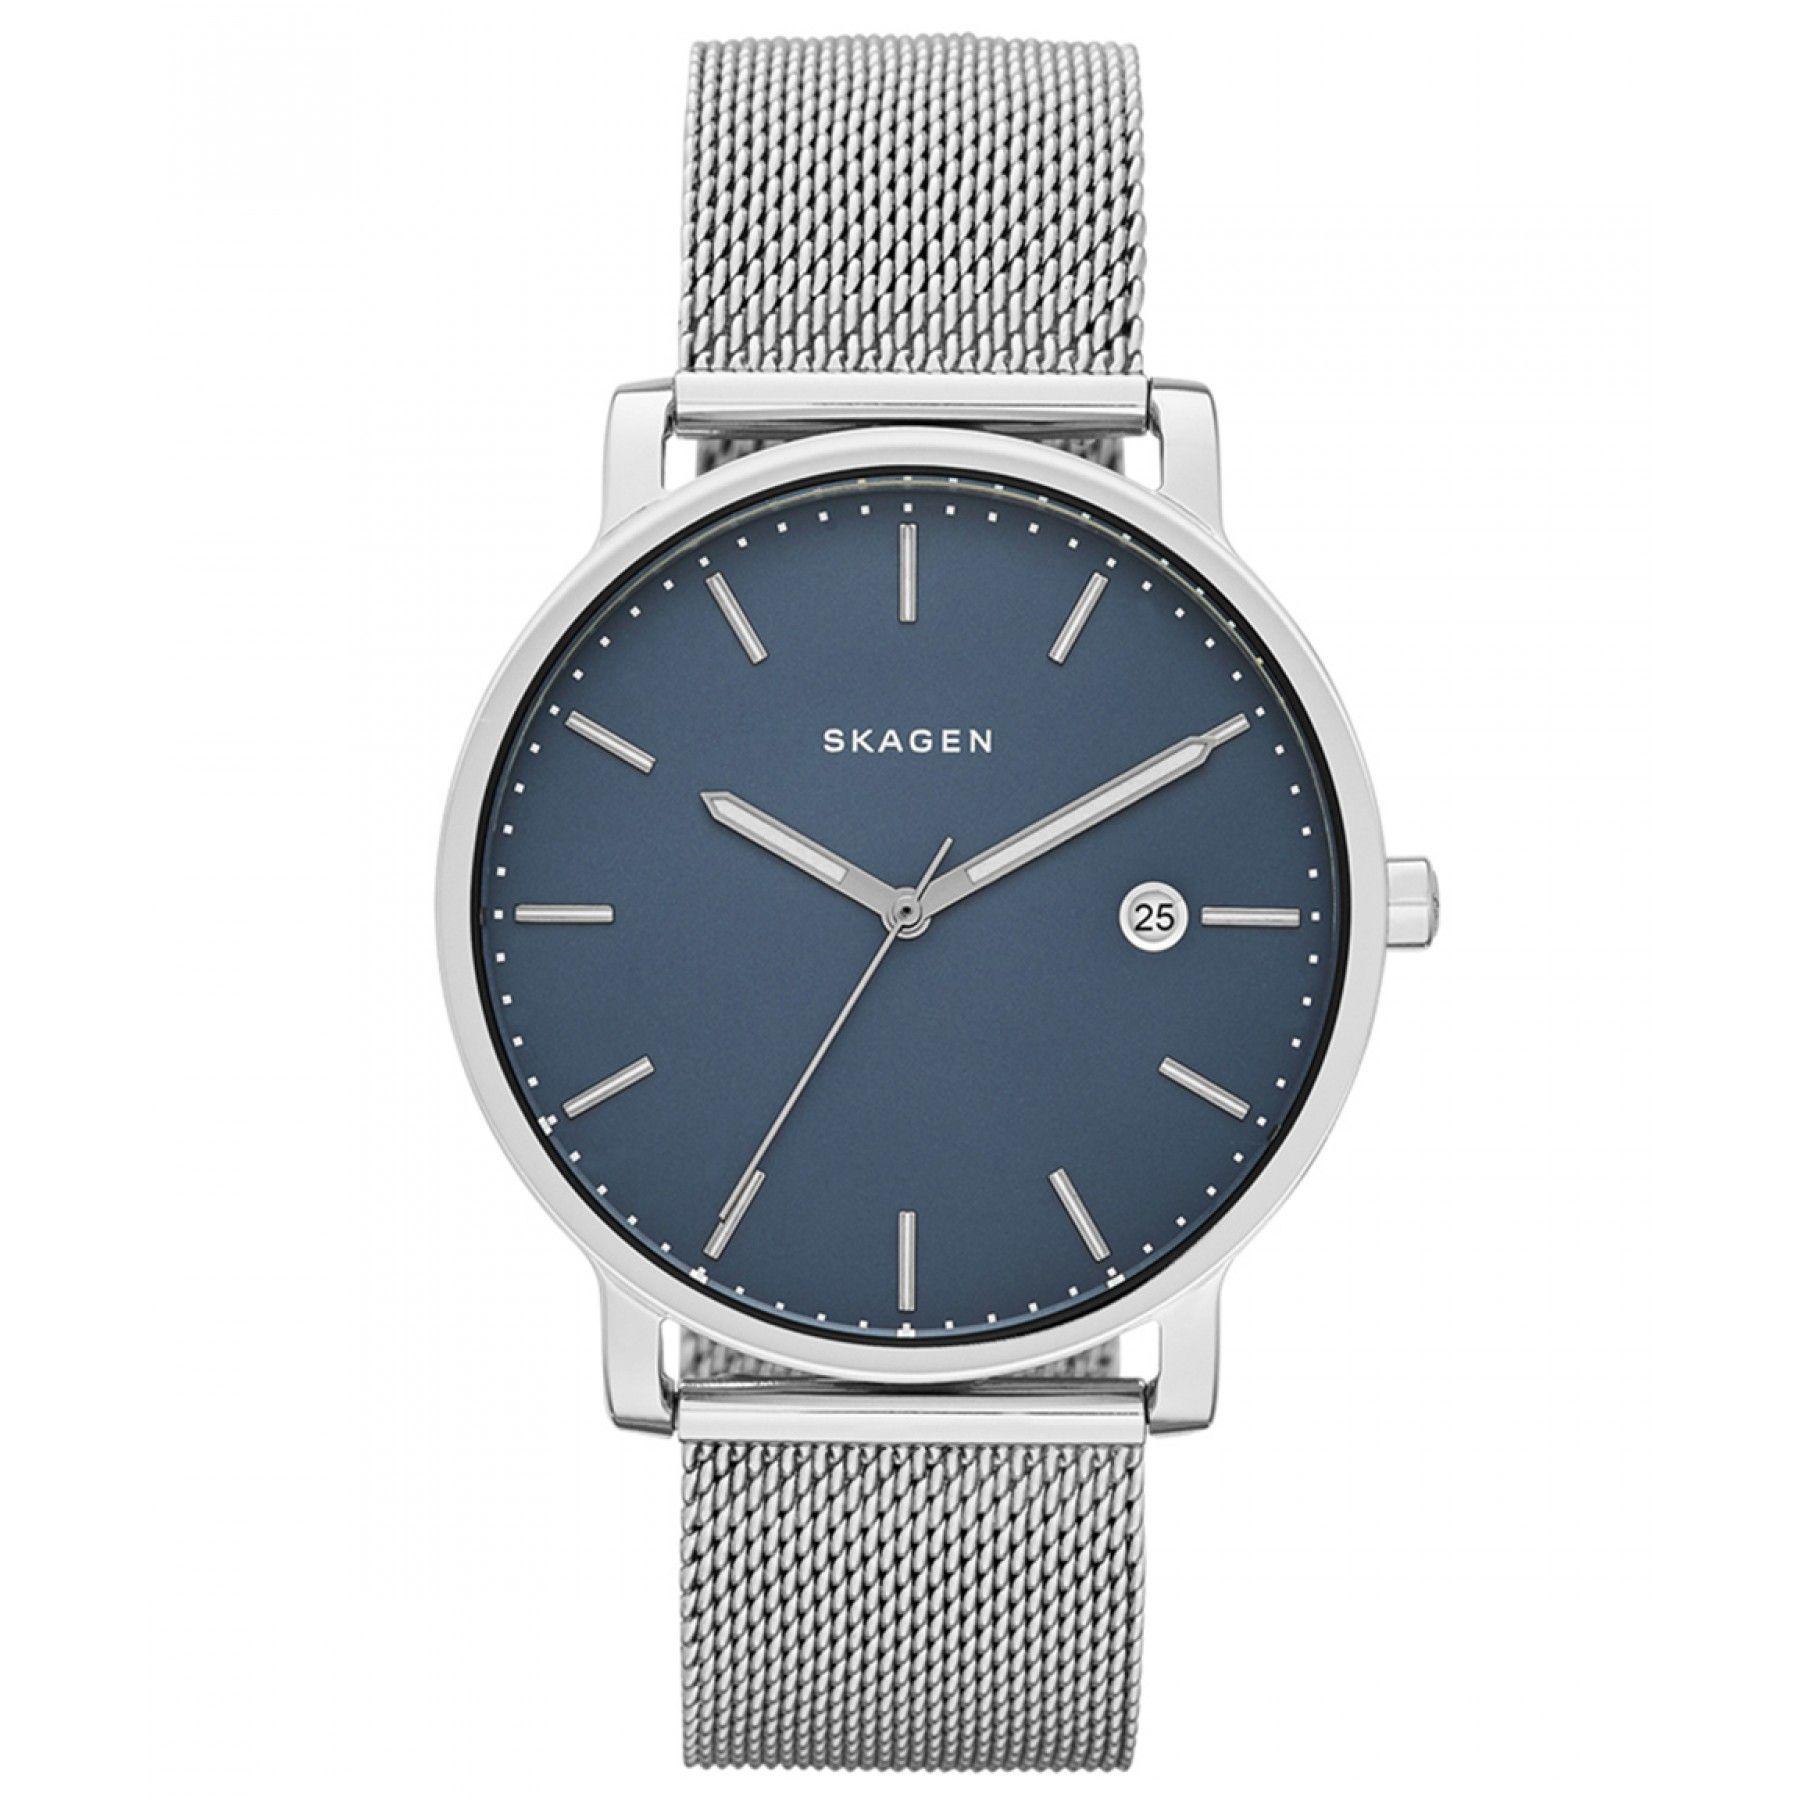 601c48dfc0fb Reloj Skagen con caja bisel y extensible tipo brazalete de acero carátula  en tono azul manecillas